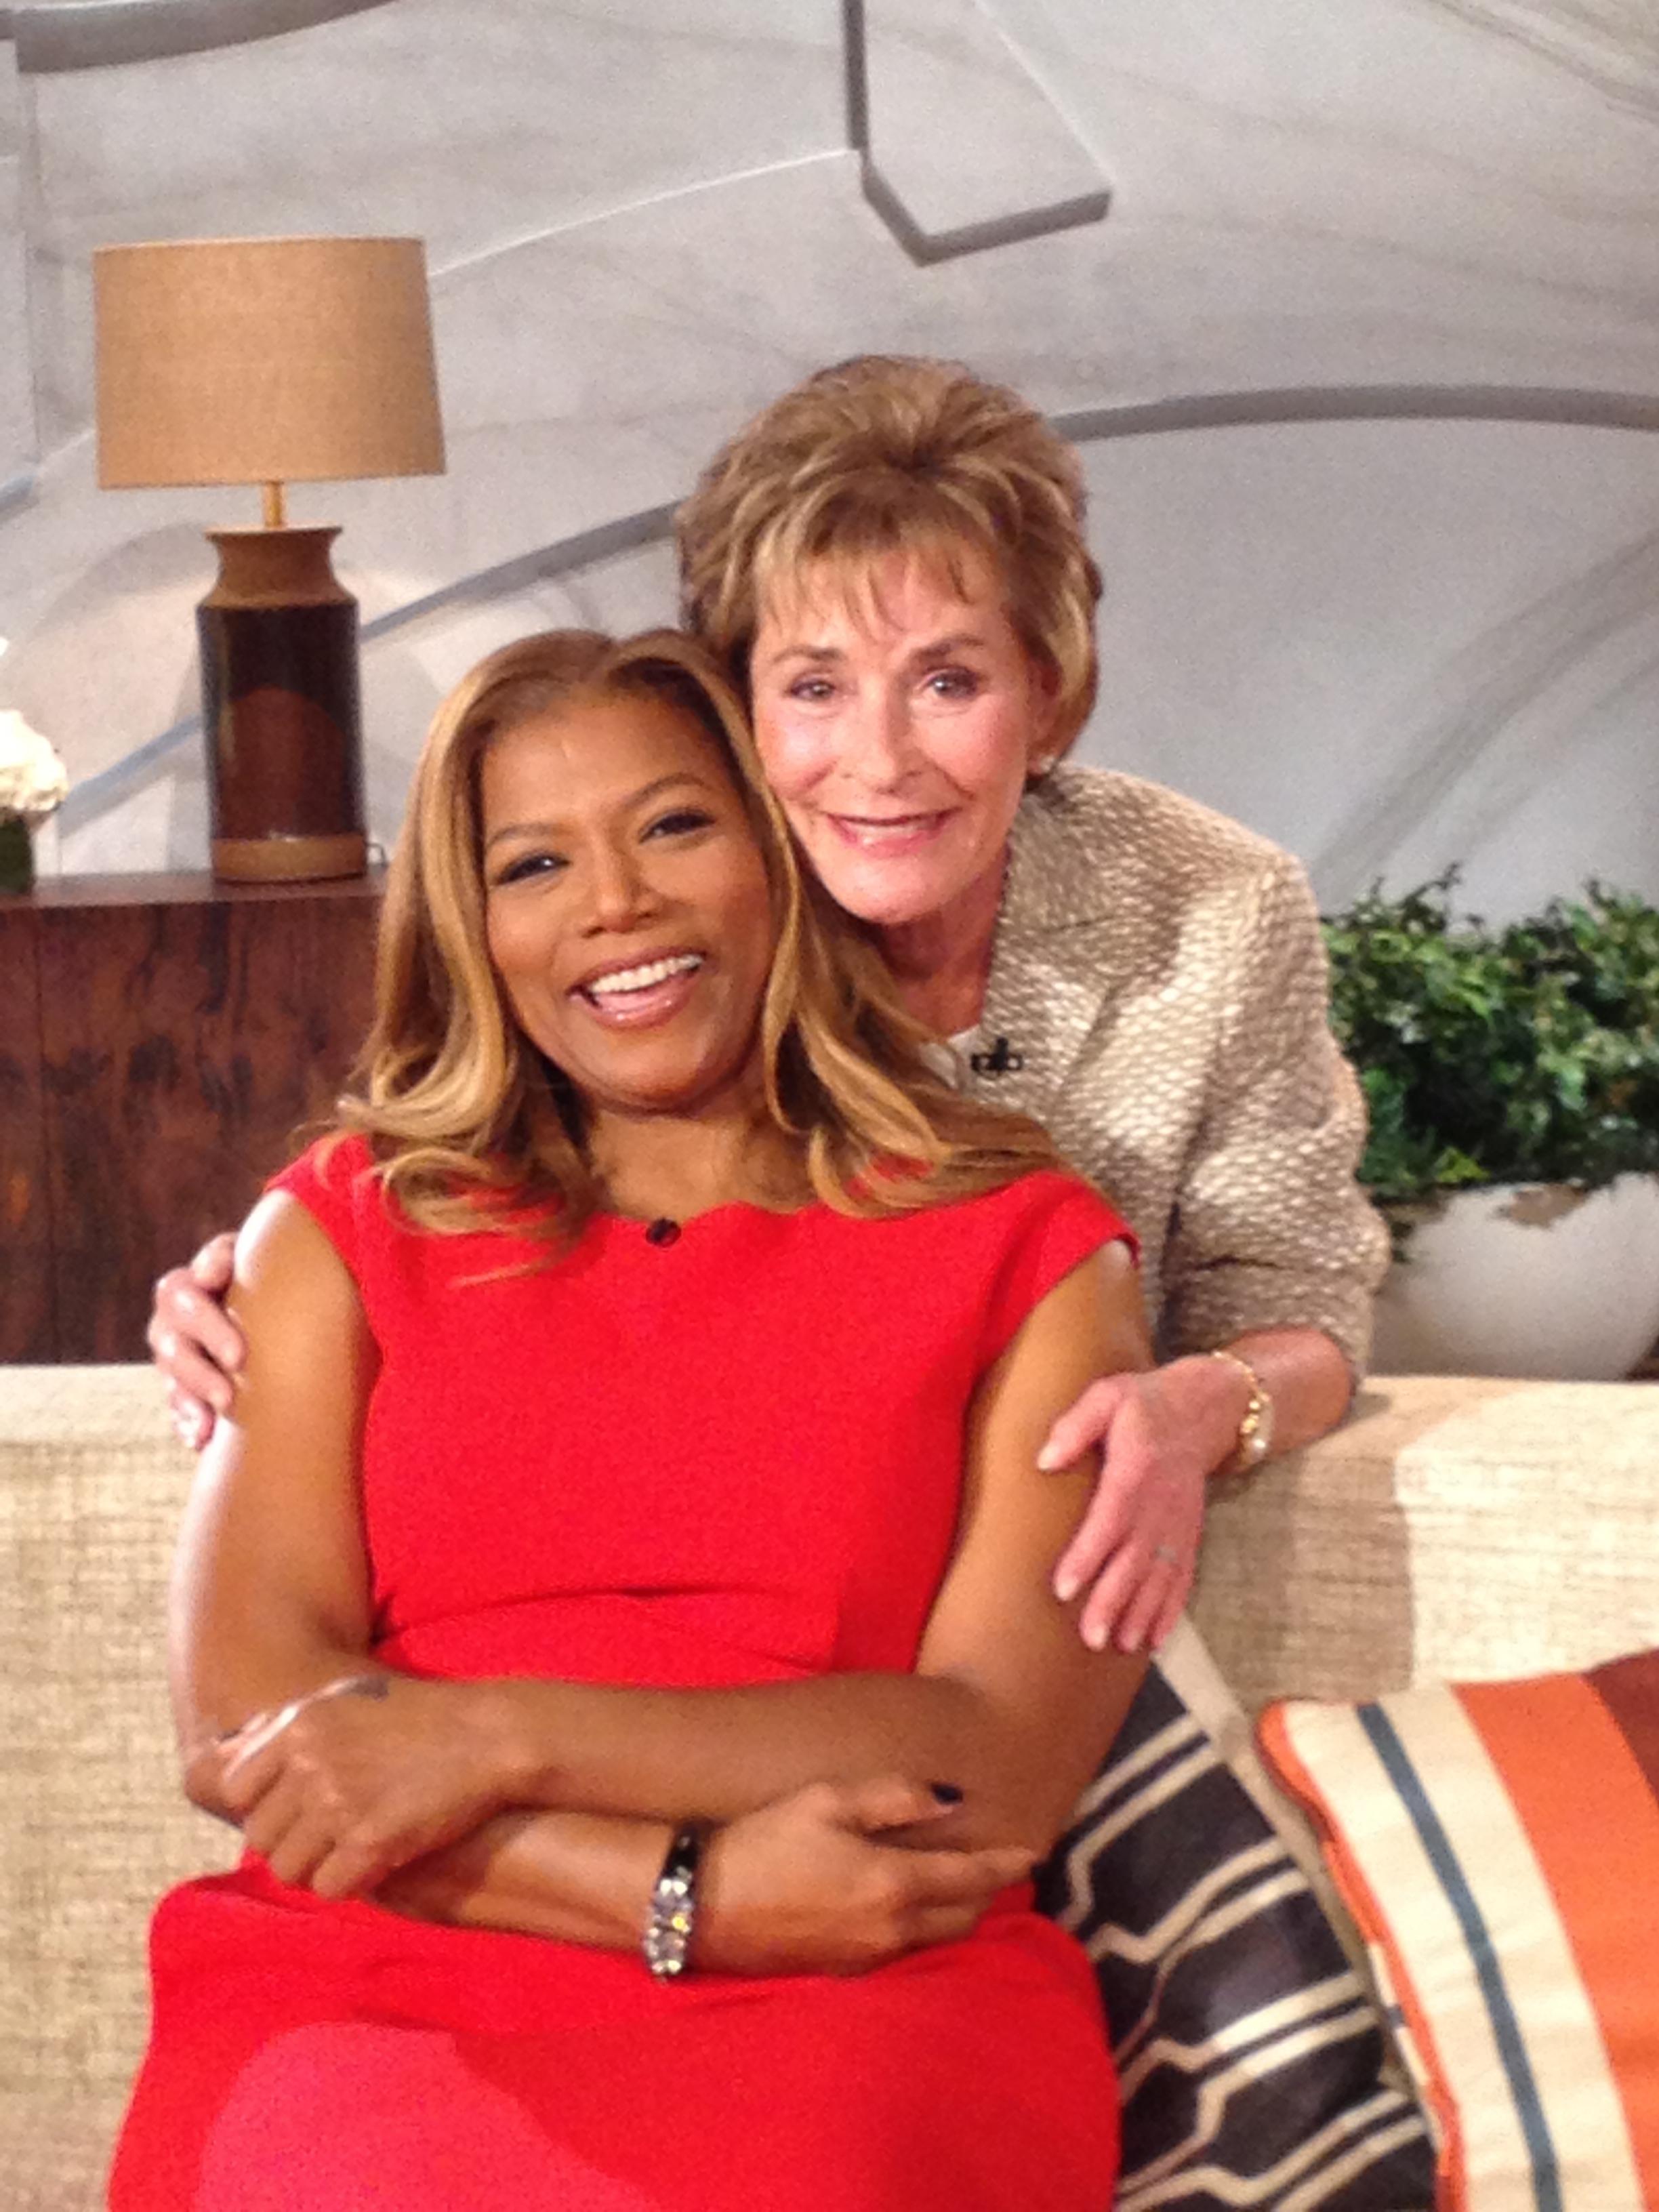 Judge Judy with Queen Latifah